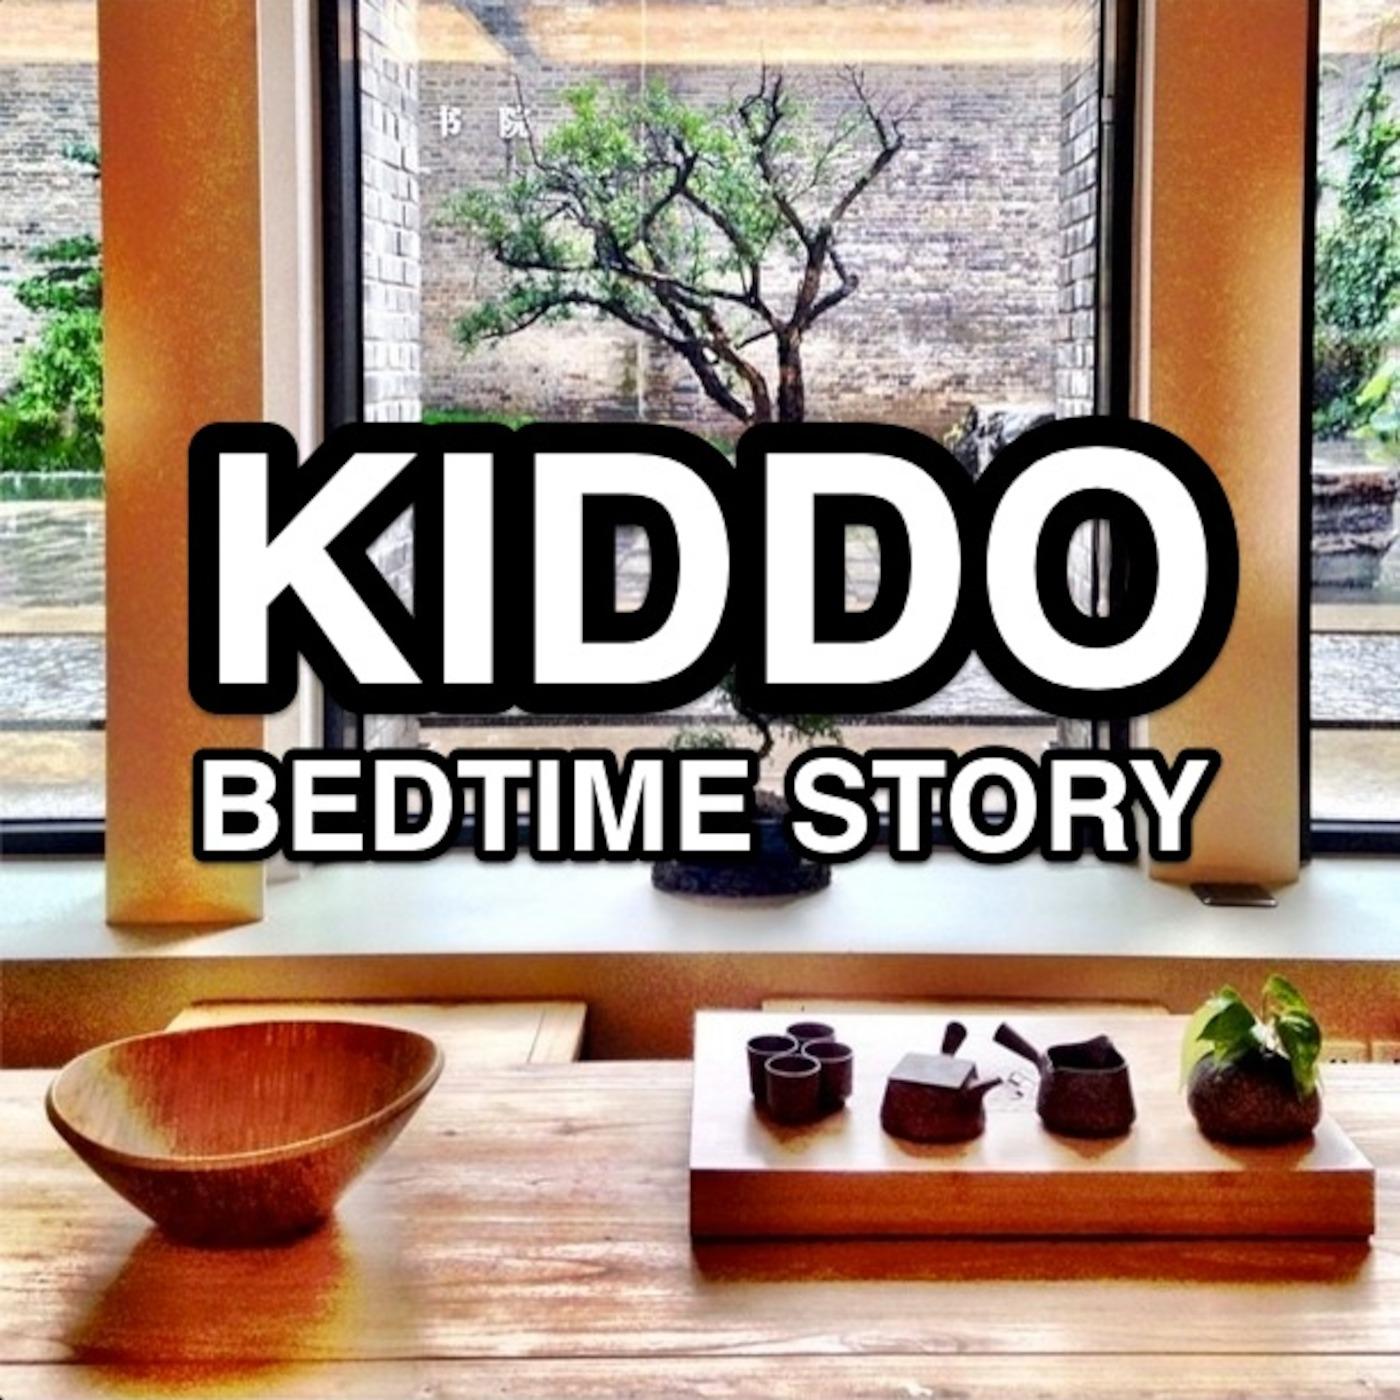 Bedtime Stories for KKBB